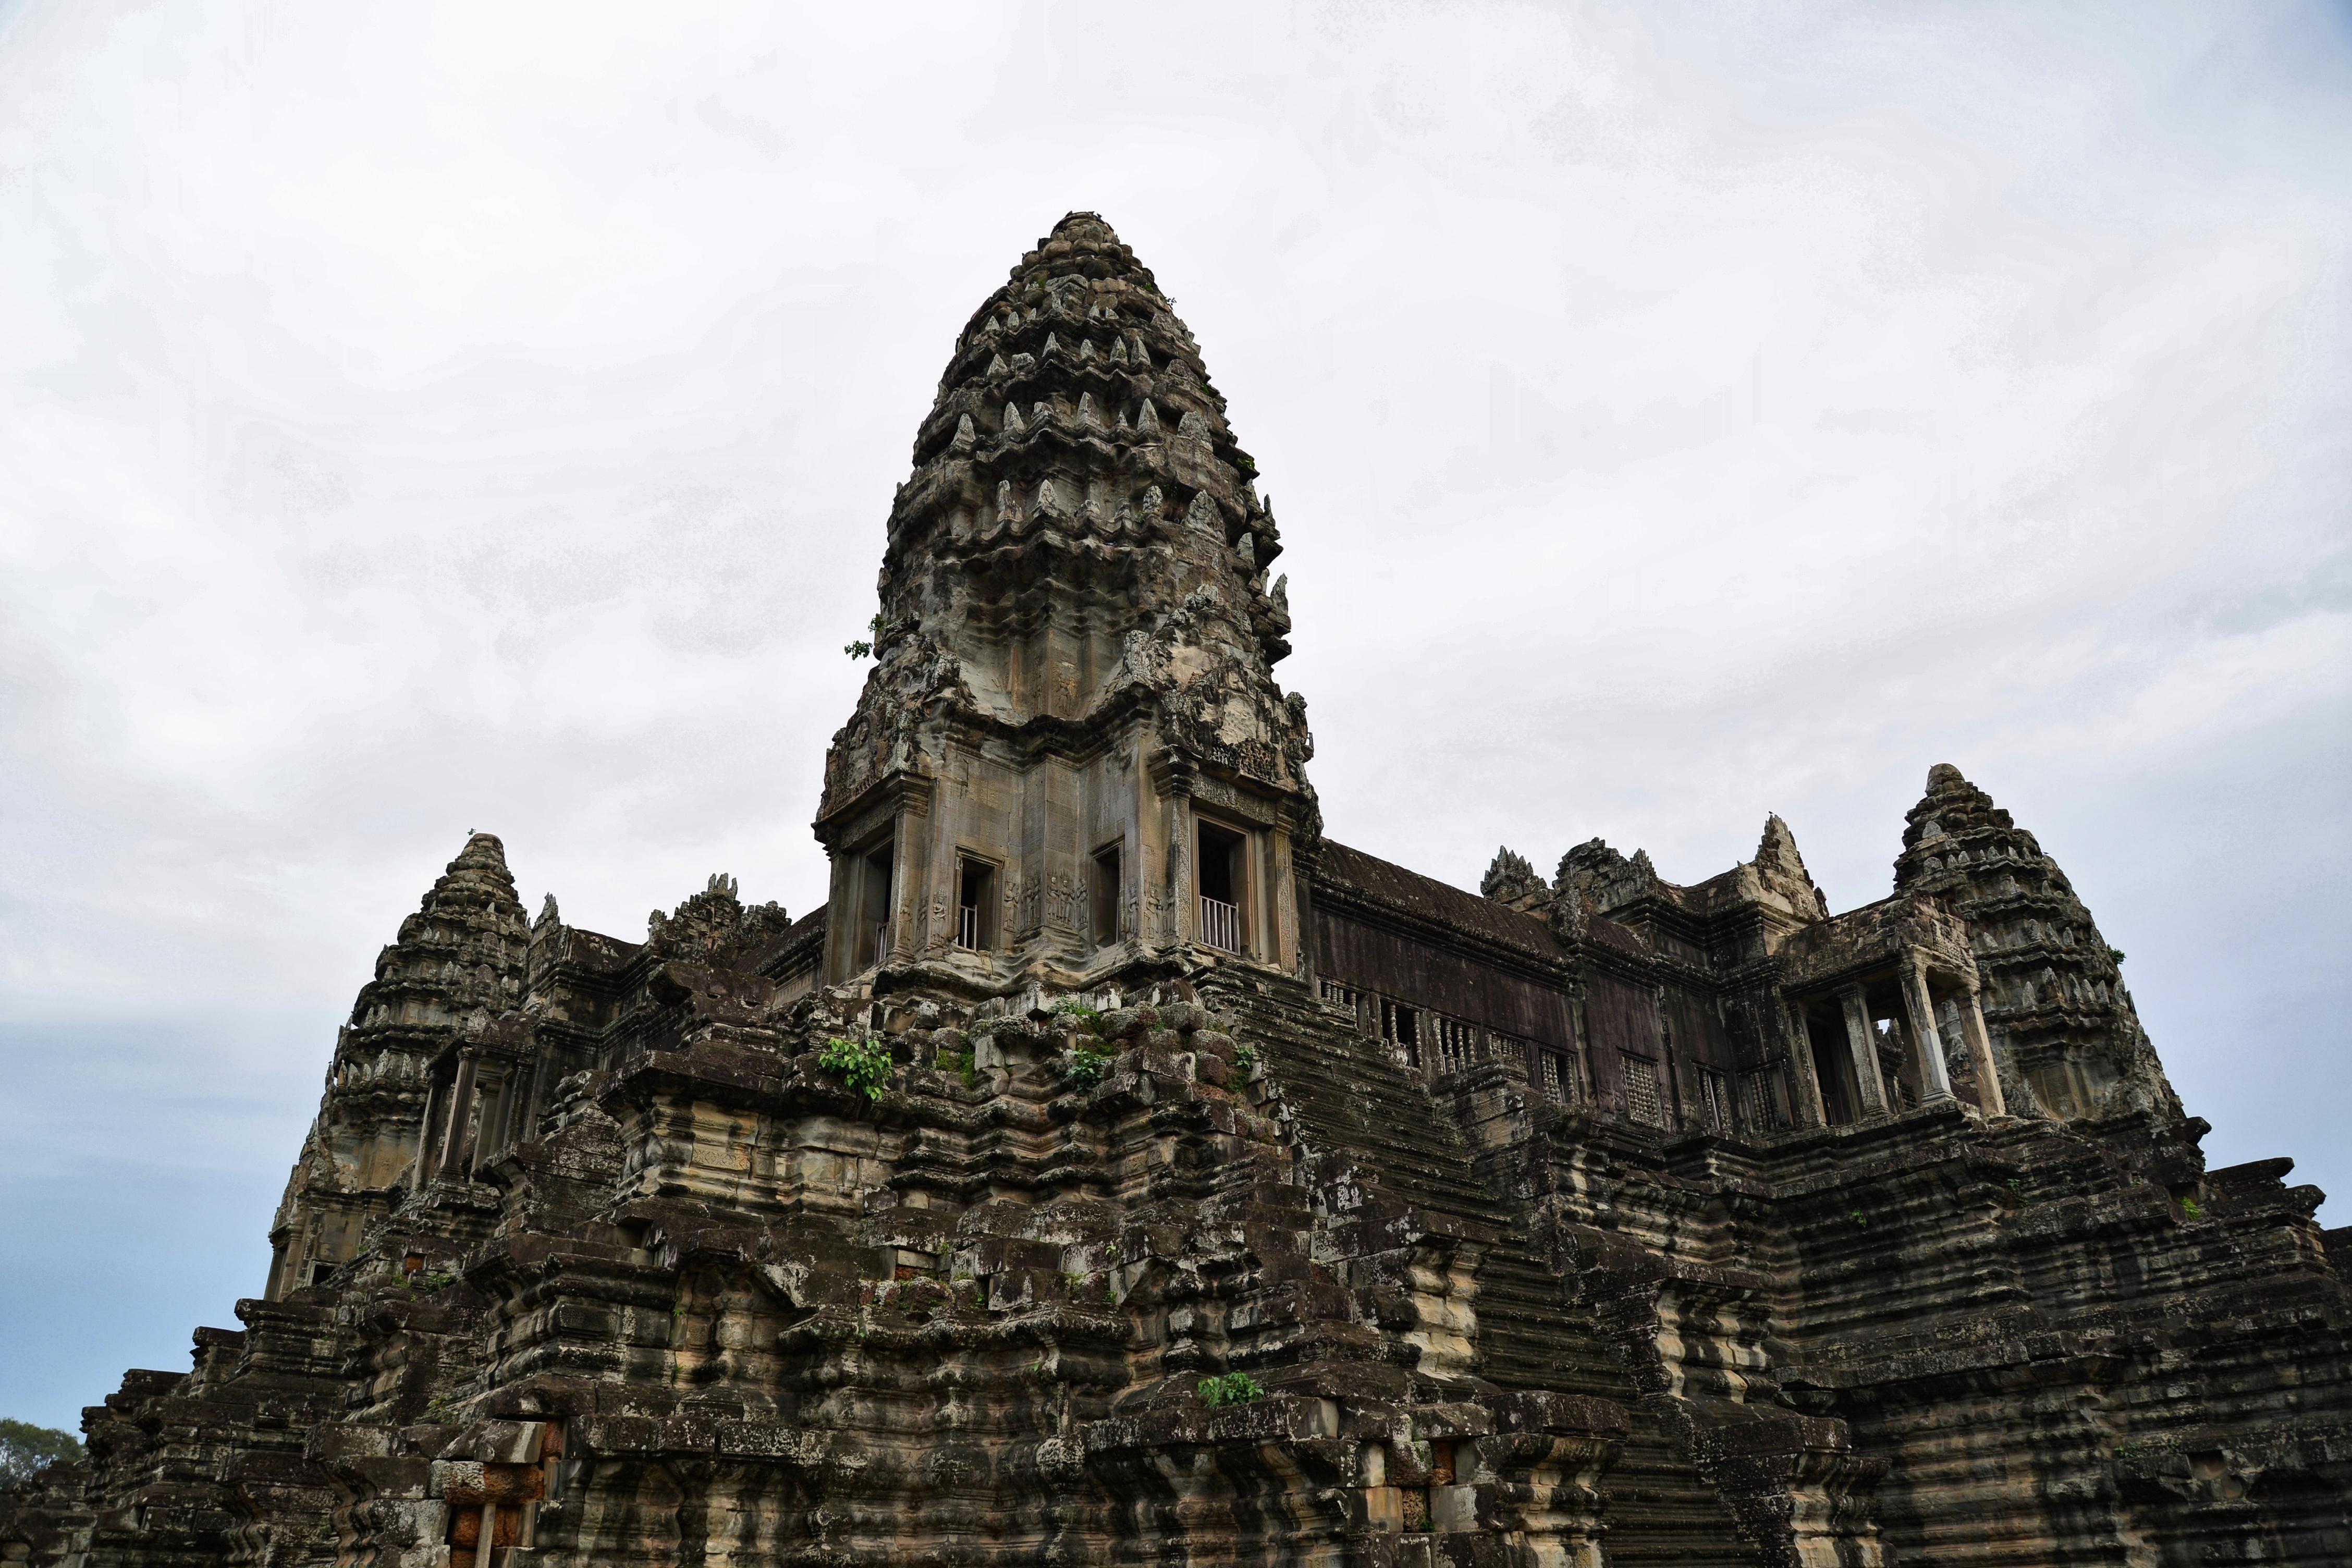 柬埔寨-吴哥寺-韵_evian